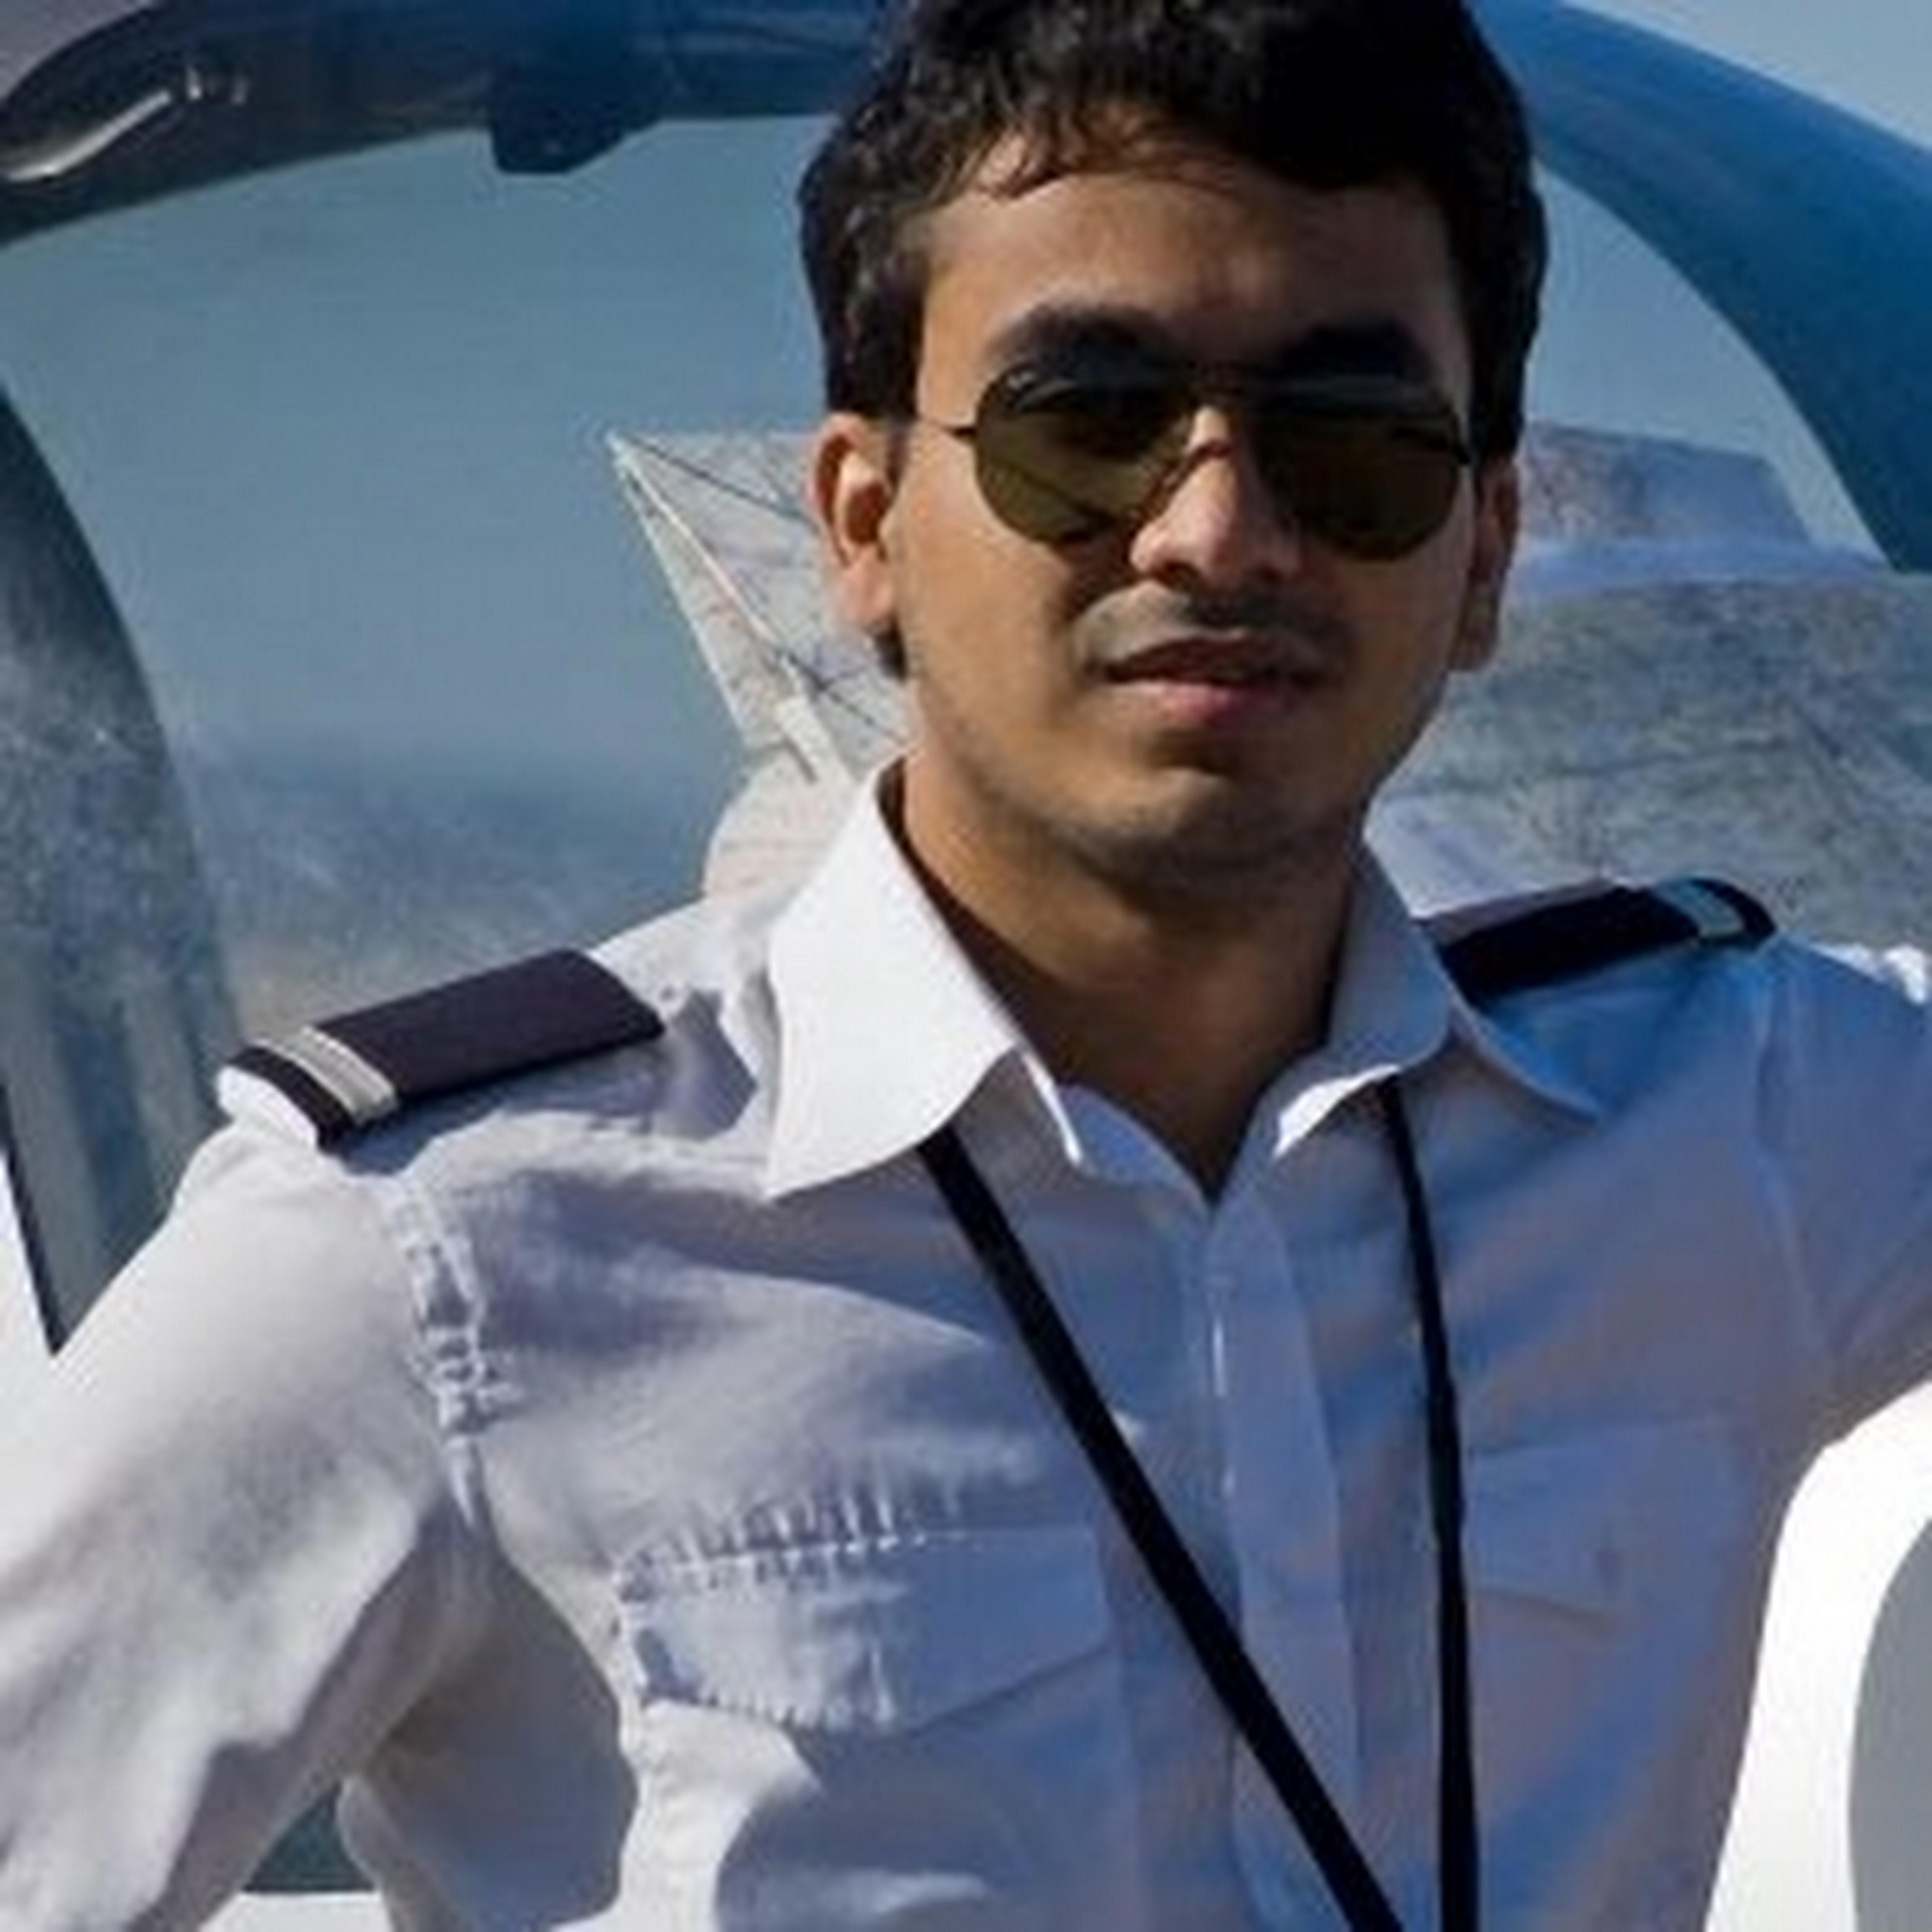 Adityabansal